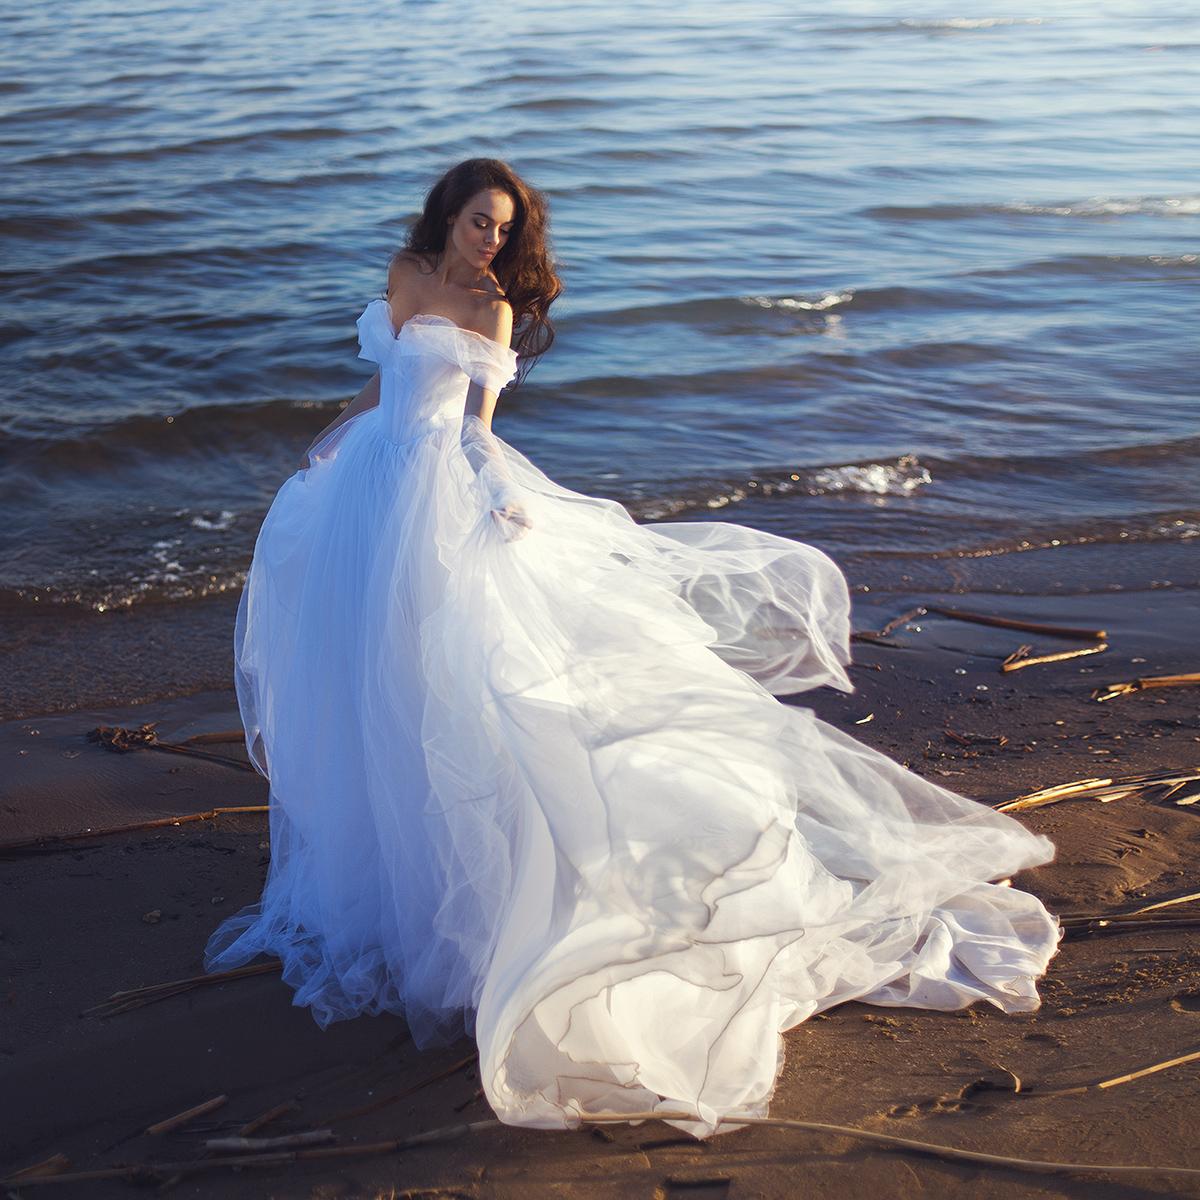 Фото Девушка в белом платье стоит на воде, фотограф Екатерина Ромакина